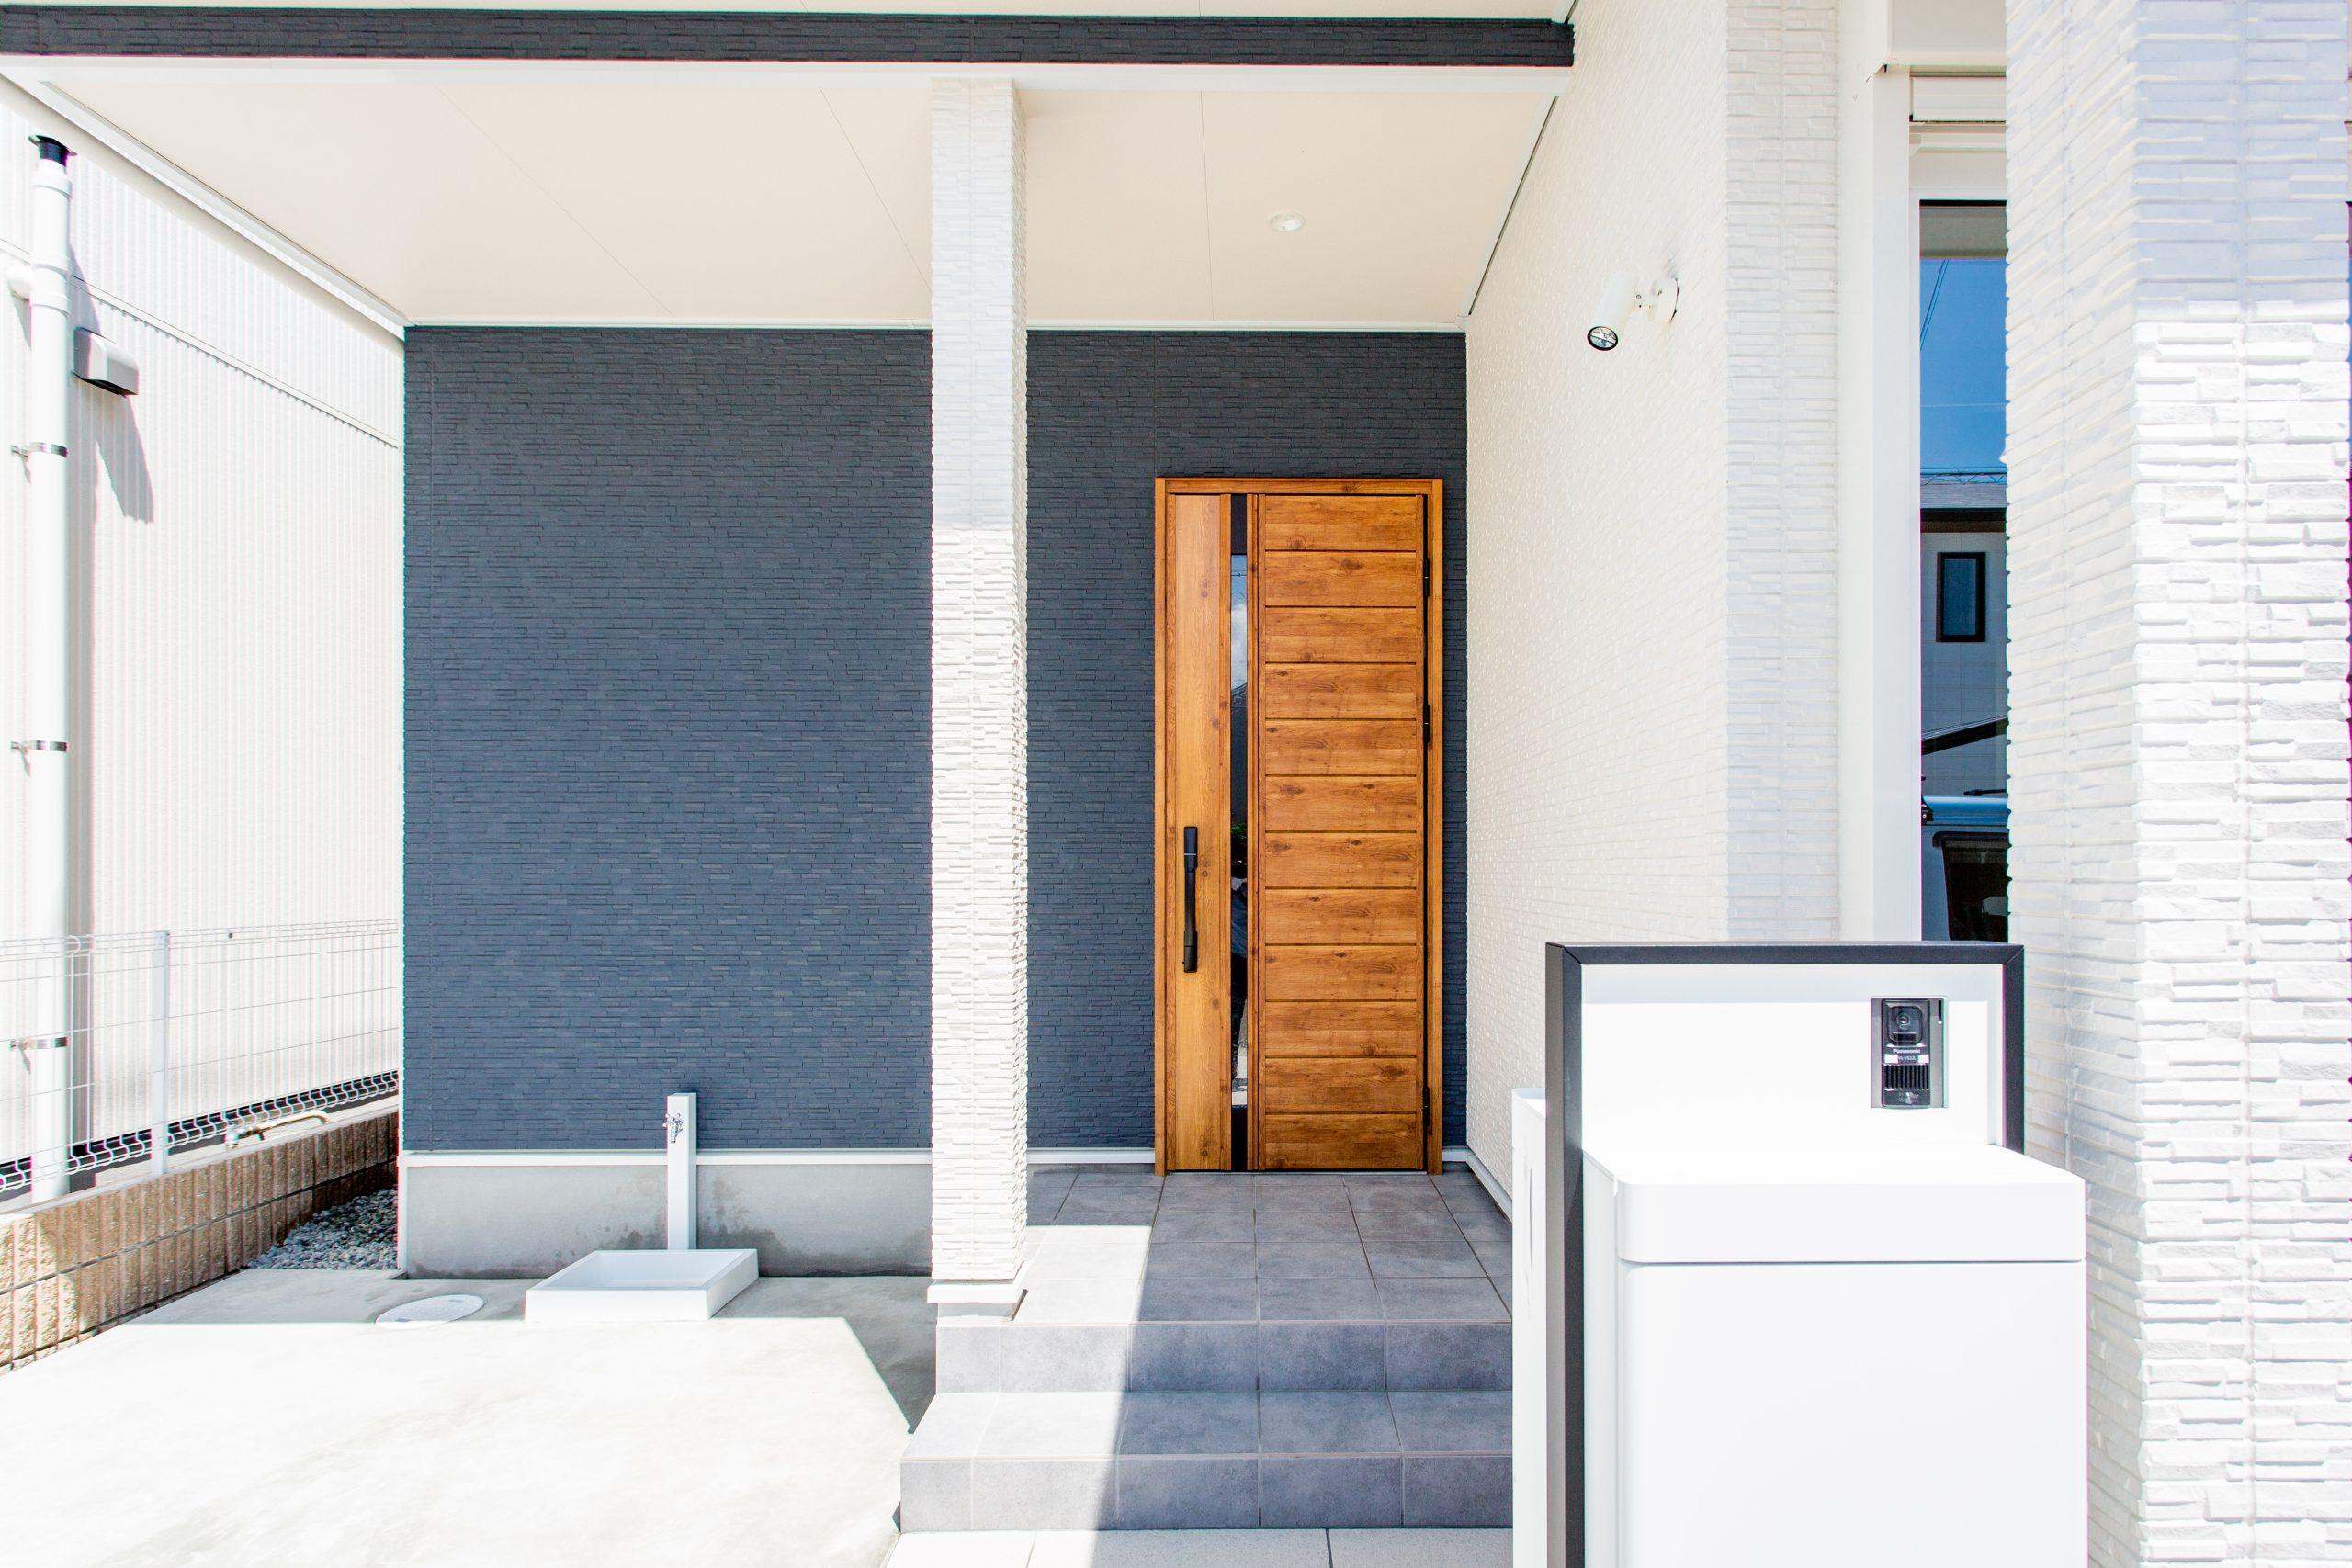 <p>デザイン性のある玄関ドアが映えるアプローチ</p>